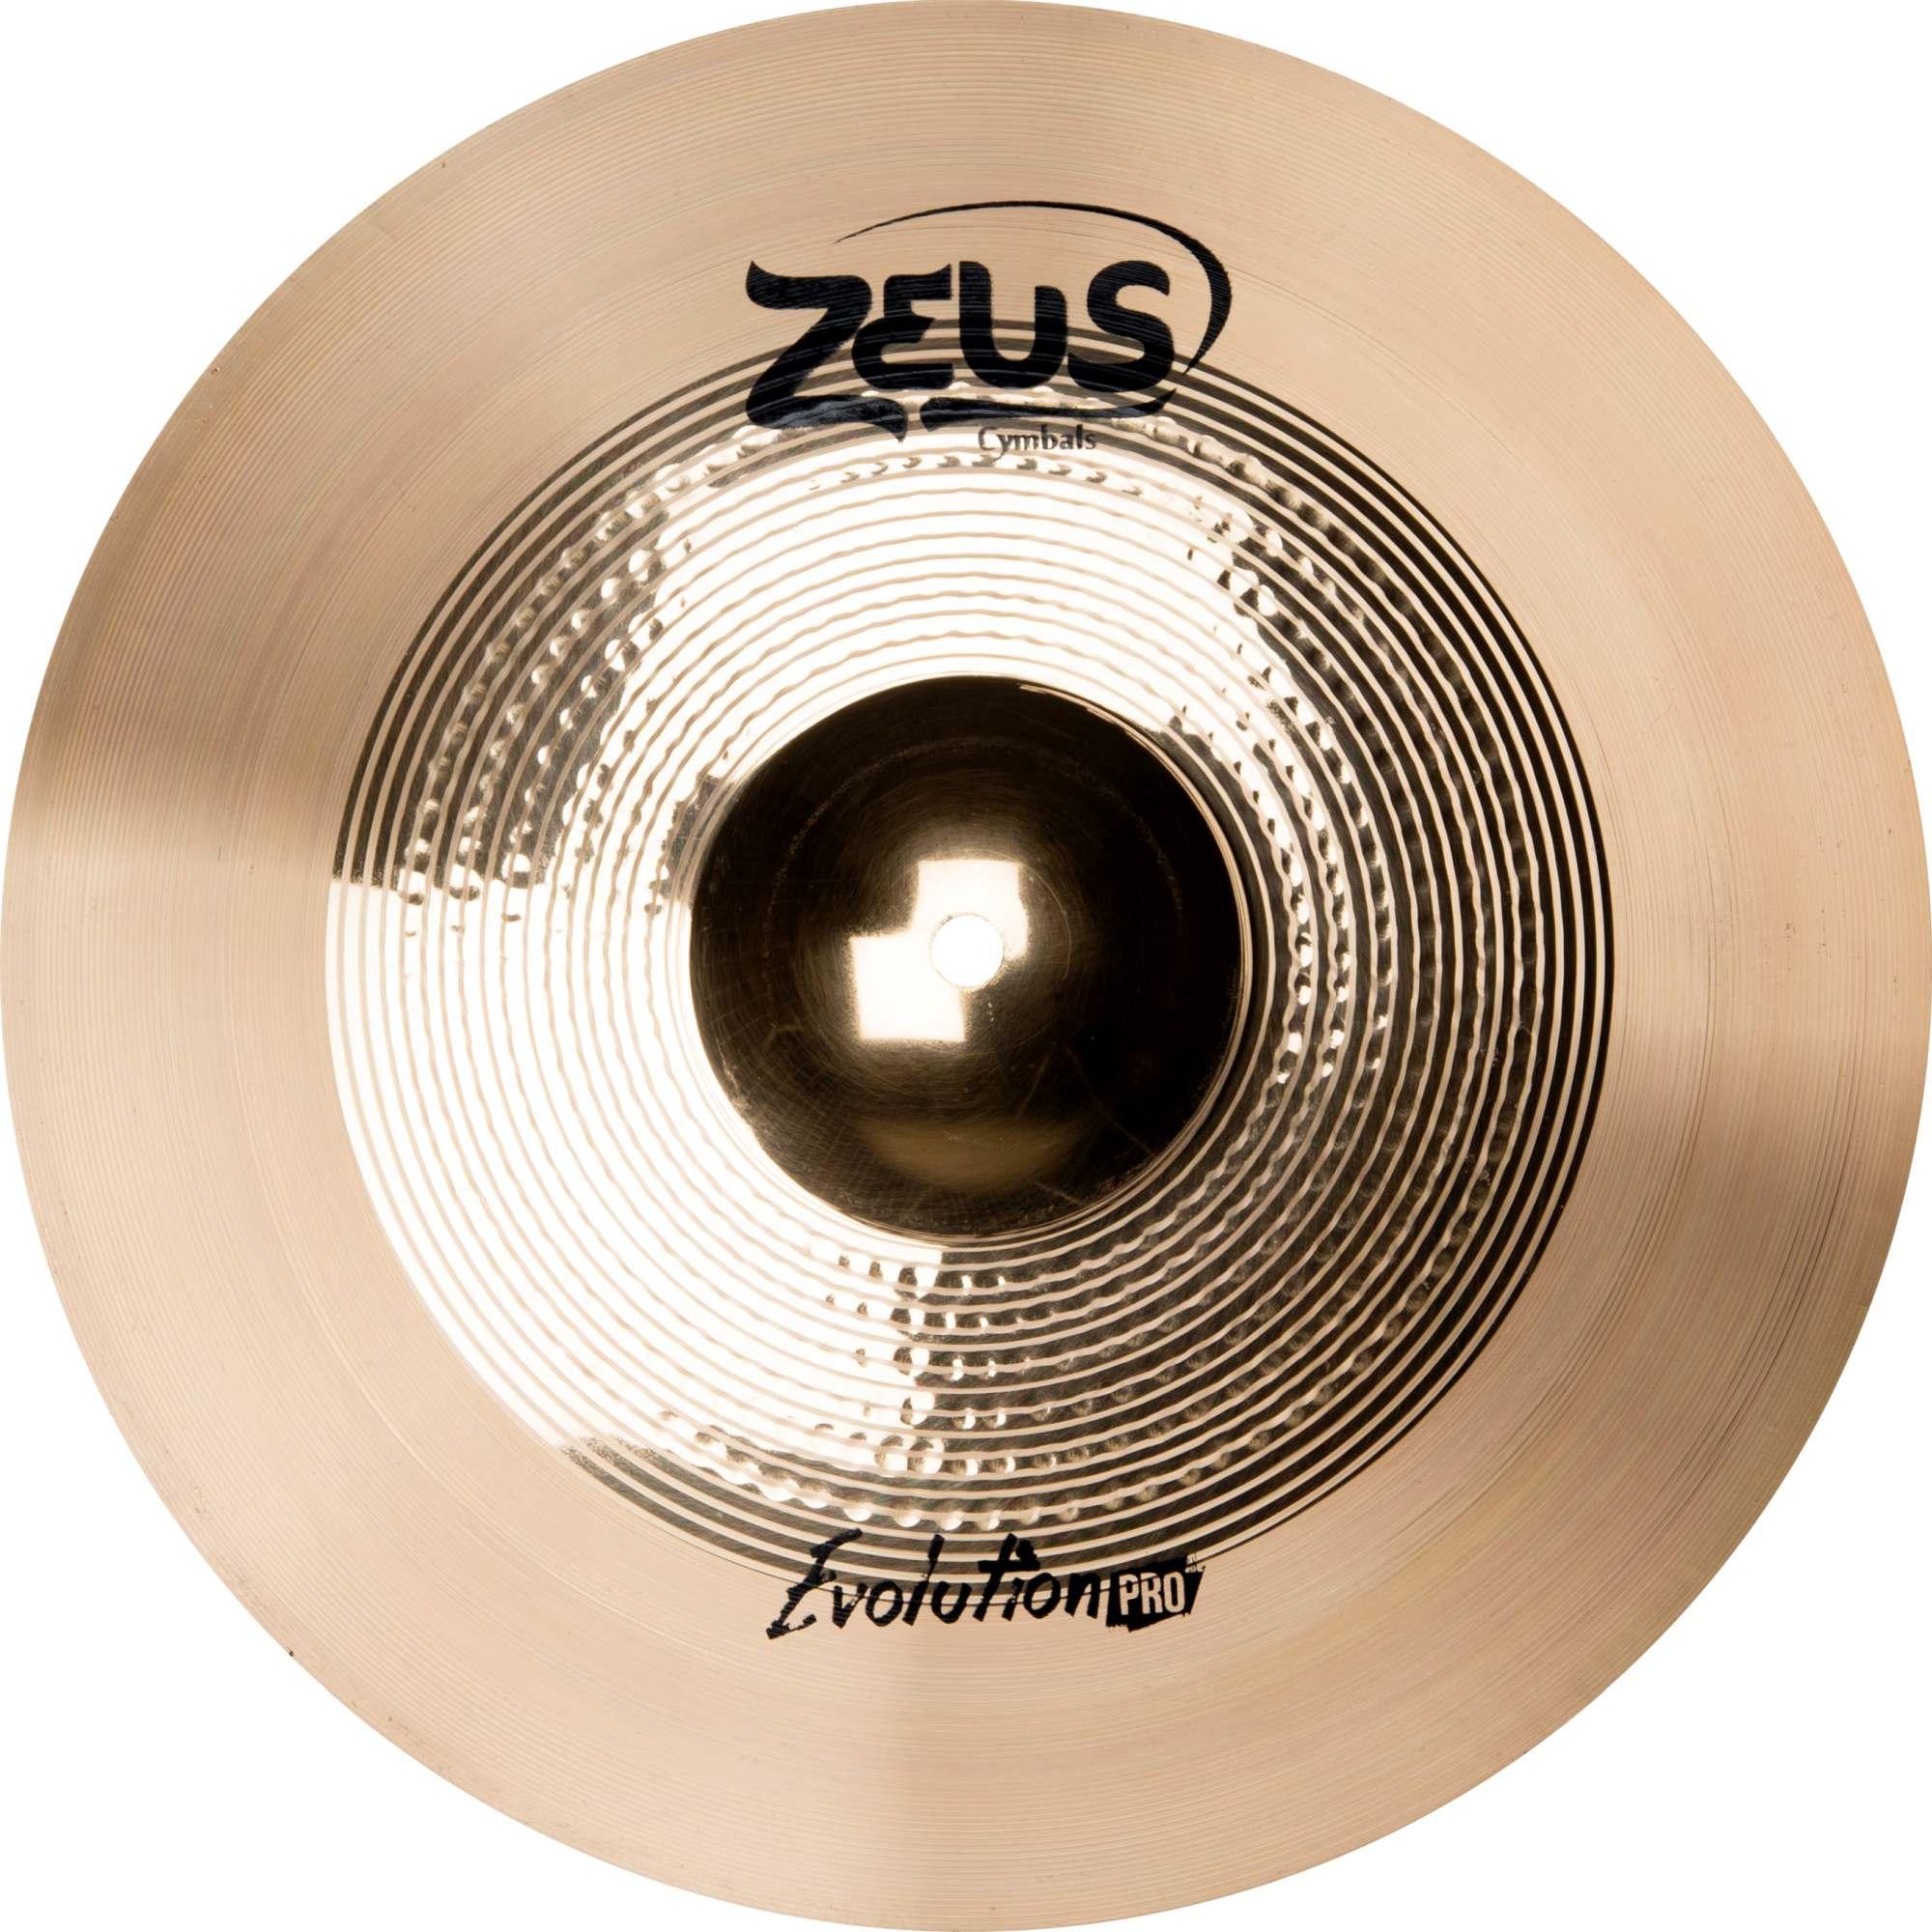 Prato Zeus Evolution Pro Hi-hat 13 (par) Zephh13